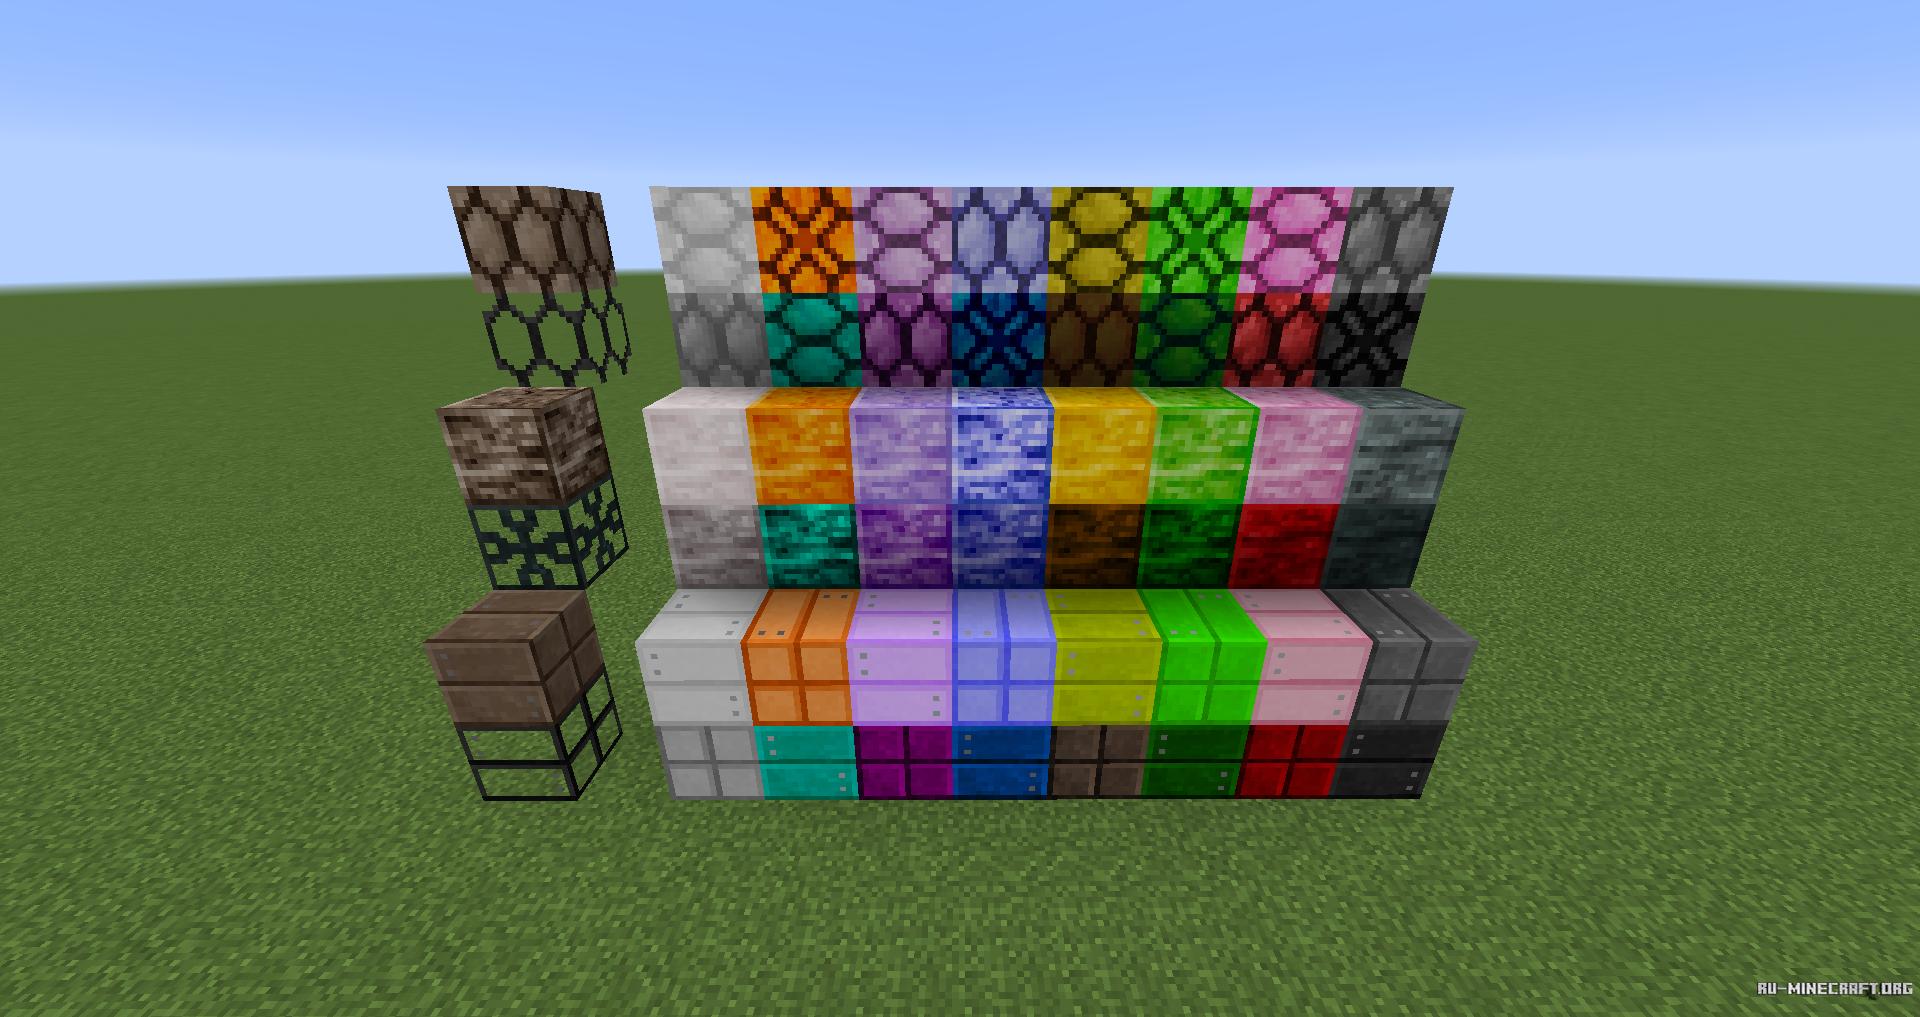 моды на майнкрафт 1.7.10 для покраски блокав #6